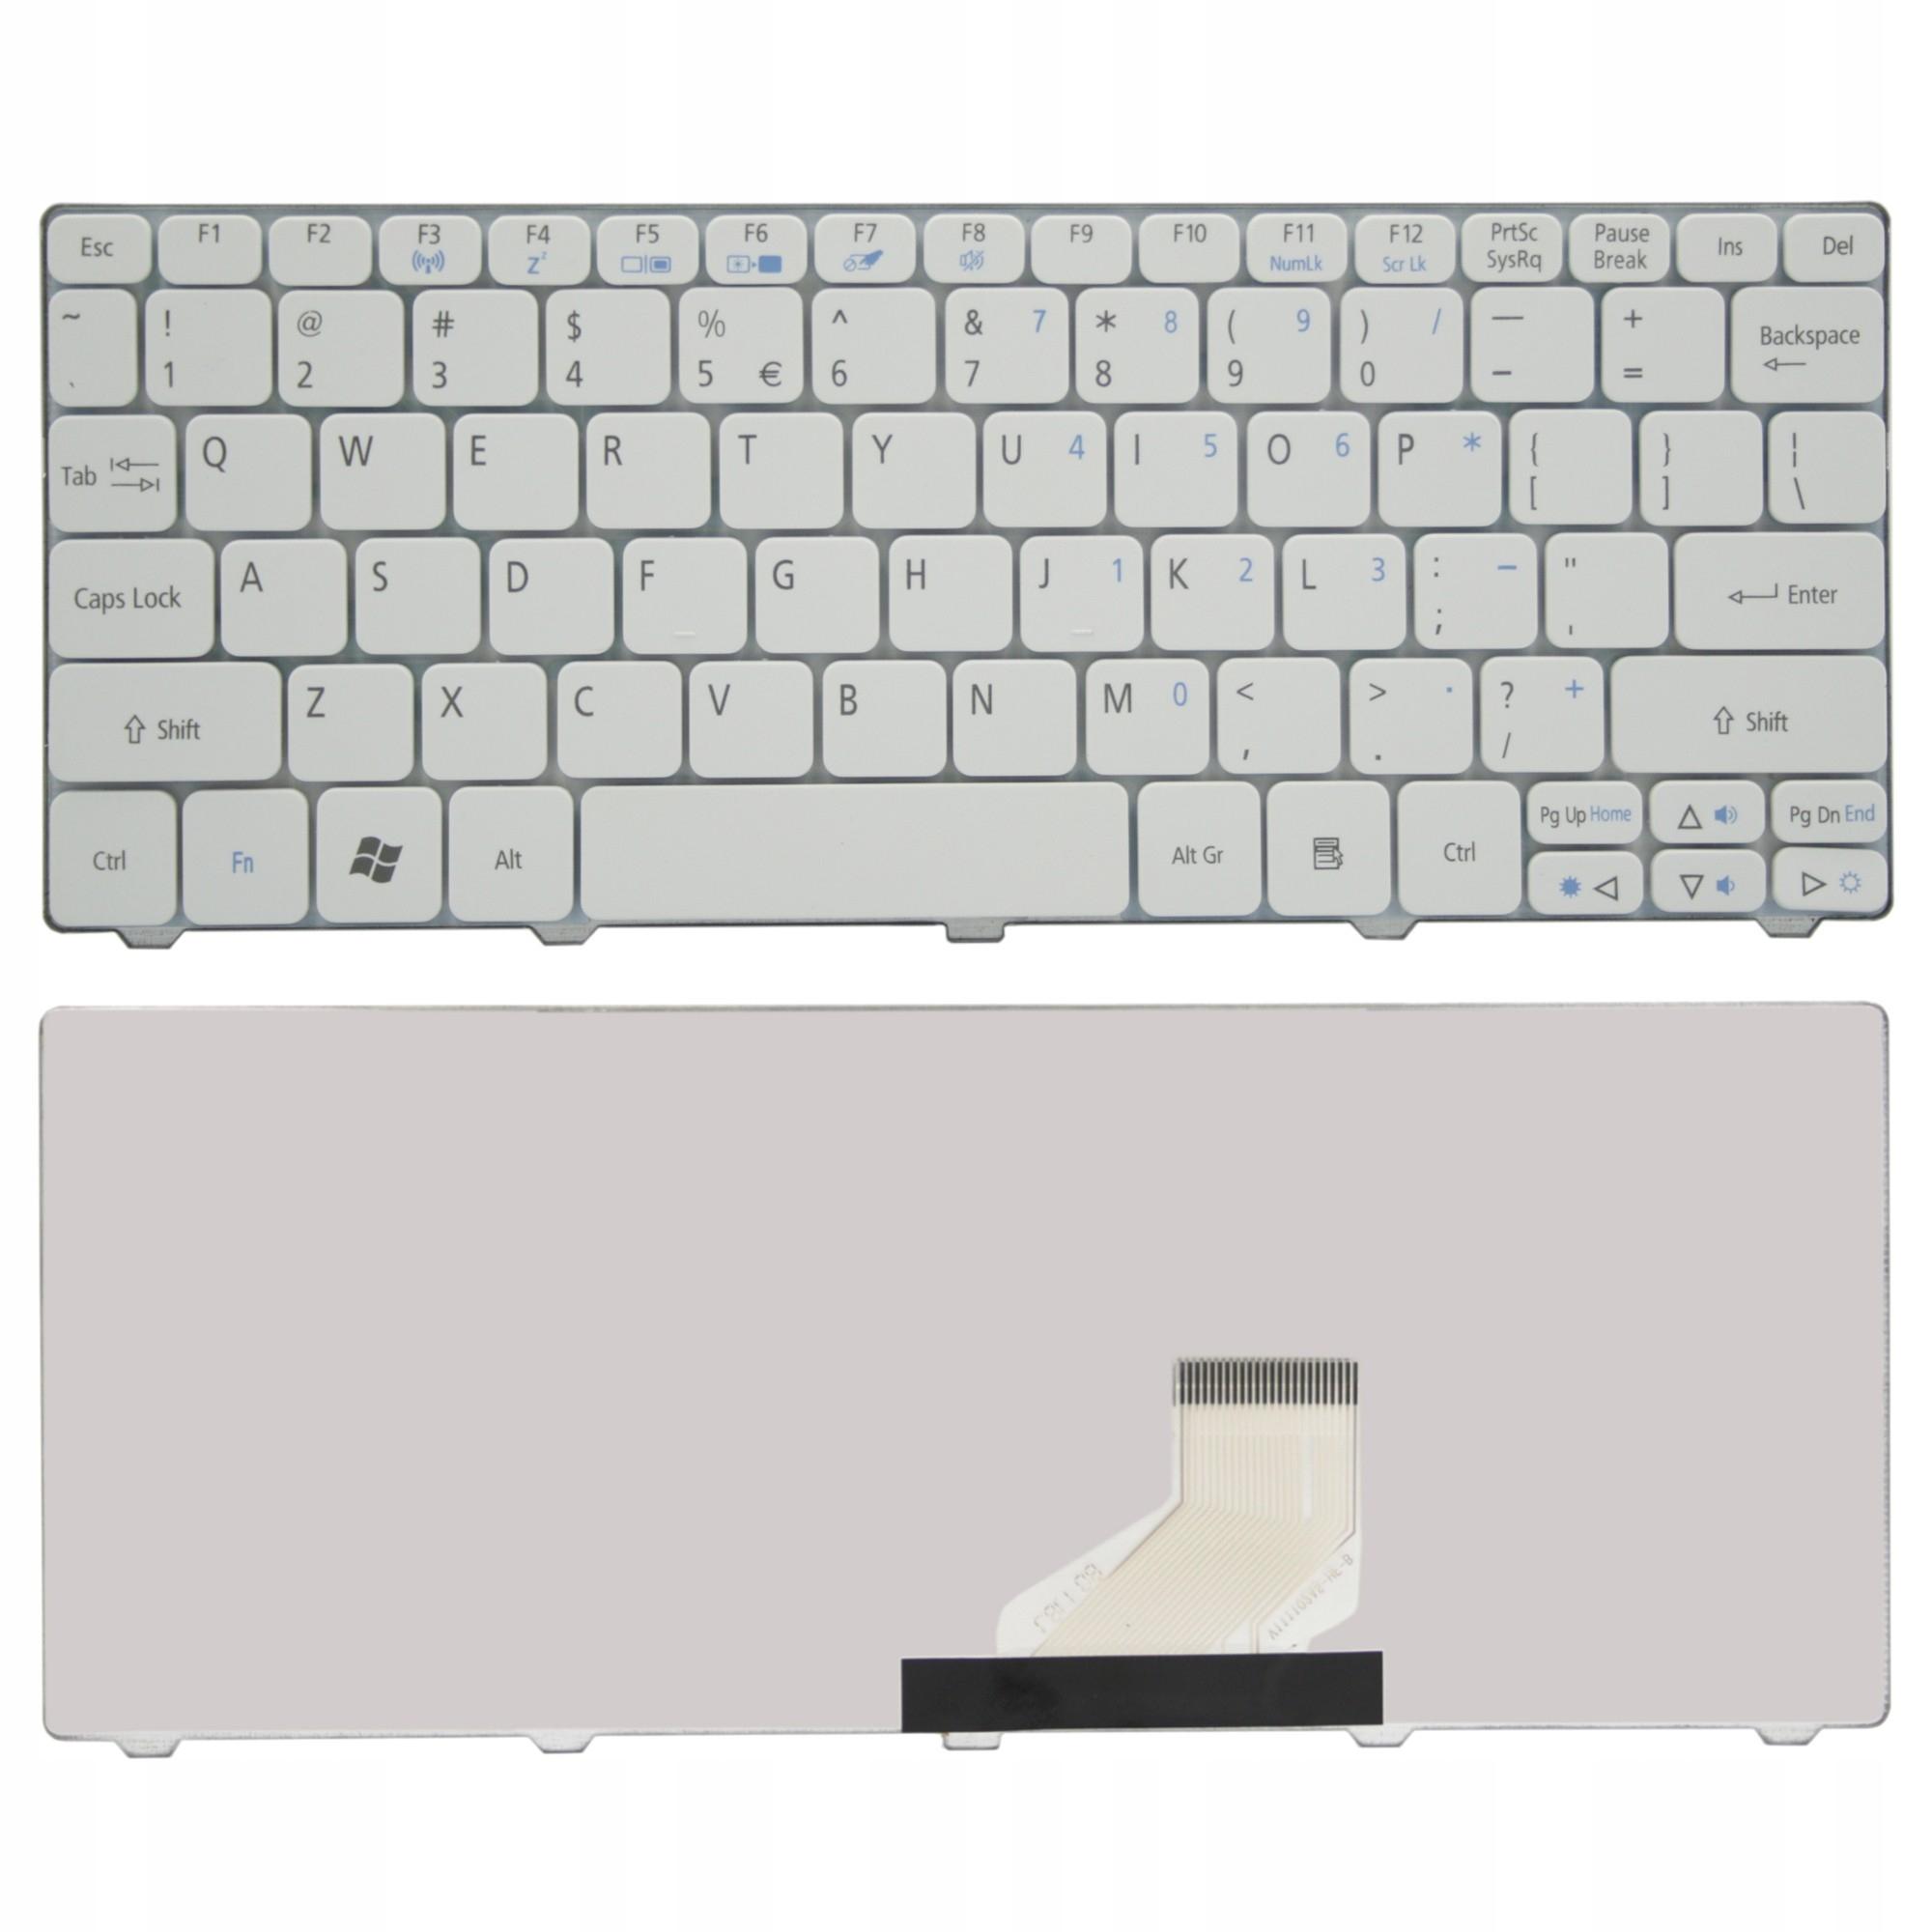 KLAWIATURA ACER ASPIRE ONE D255 D257 D260 D270 521 - Klawiatury do laptopów